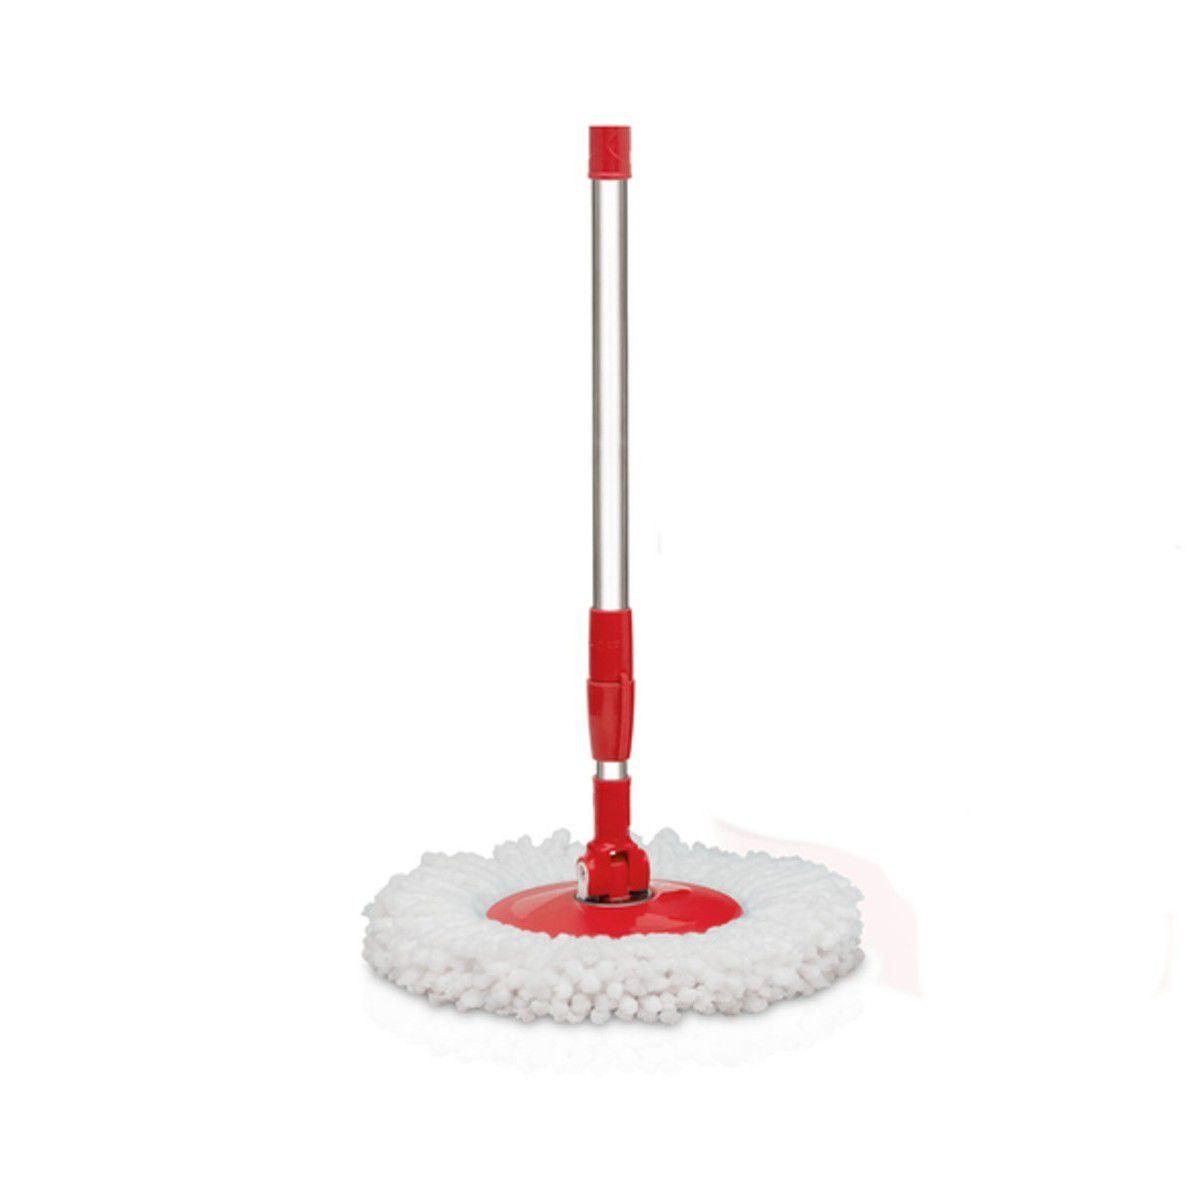 Balde Spin Mop 360 Centrifuga Condor C/ Refil